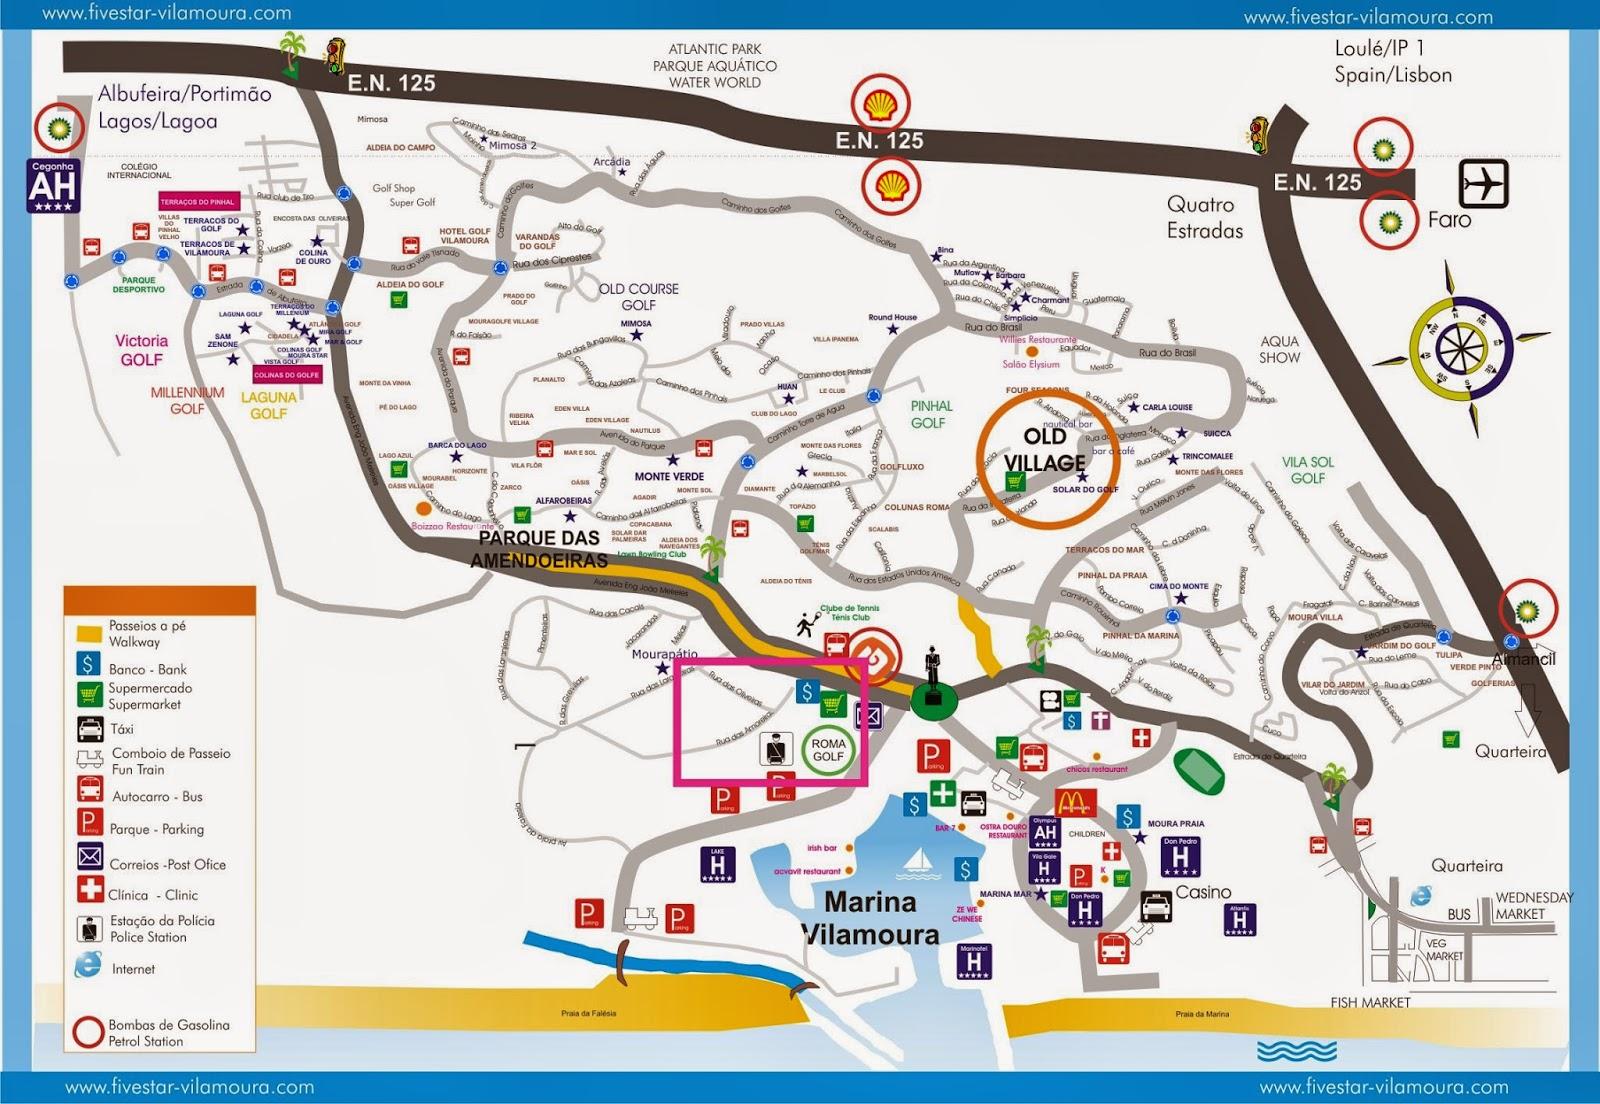 mapa de vilamoura em portugal Mapas de Vilamoura   Portugal | MapasBlog mapa de vilamoura em portugal